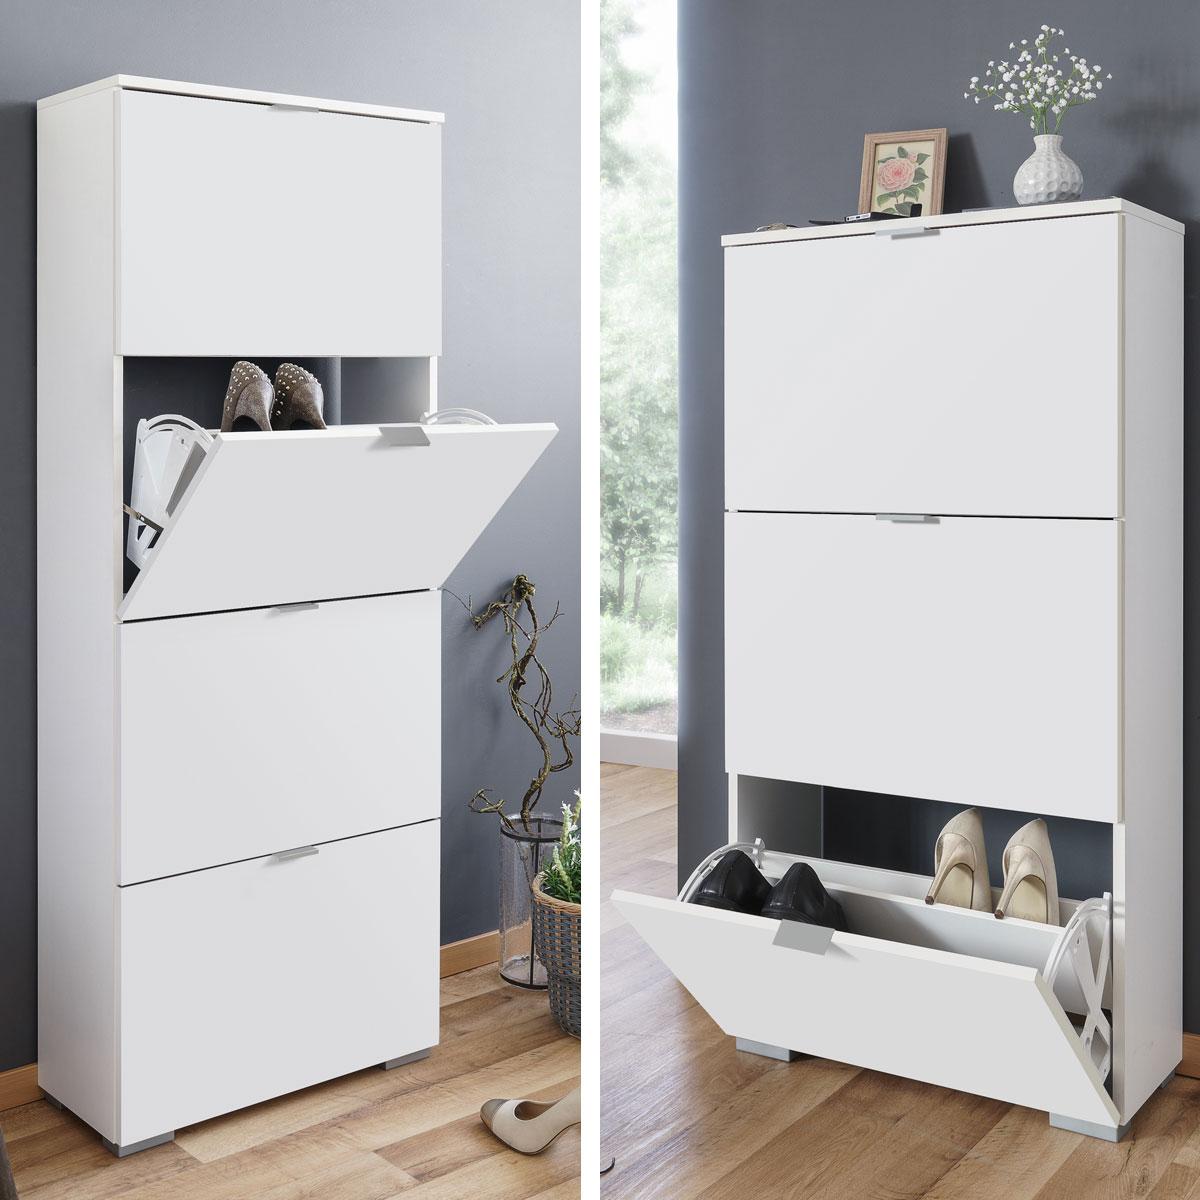 schuhschrank frankfurt schuhkipper 3 oder 4 klappen 2. Black Bedroom Furniture Sets. Home Design Ideas